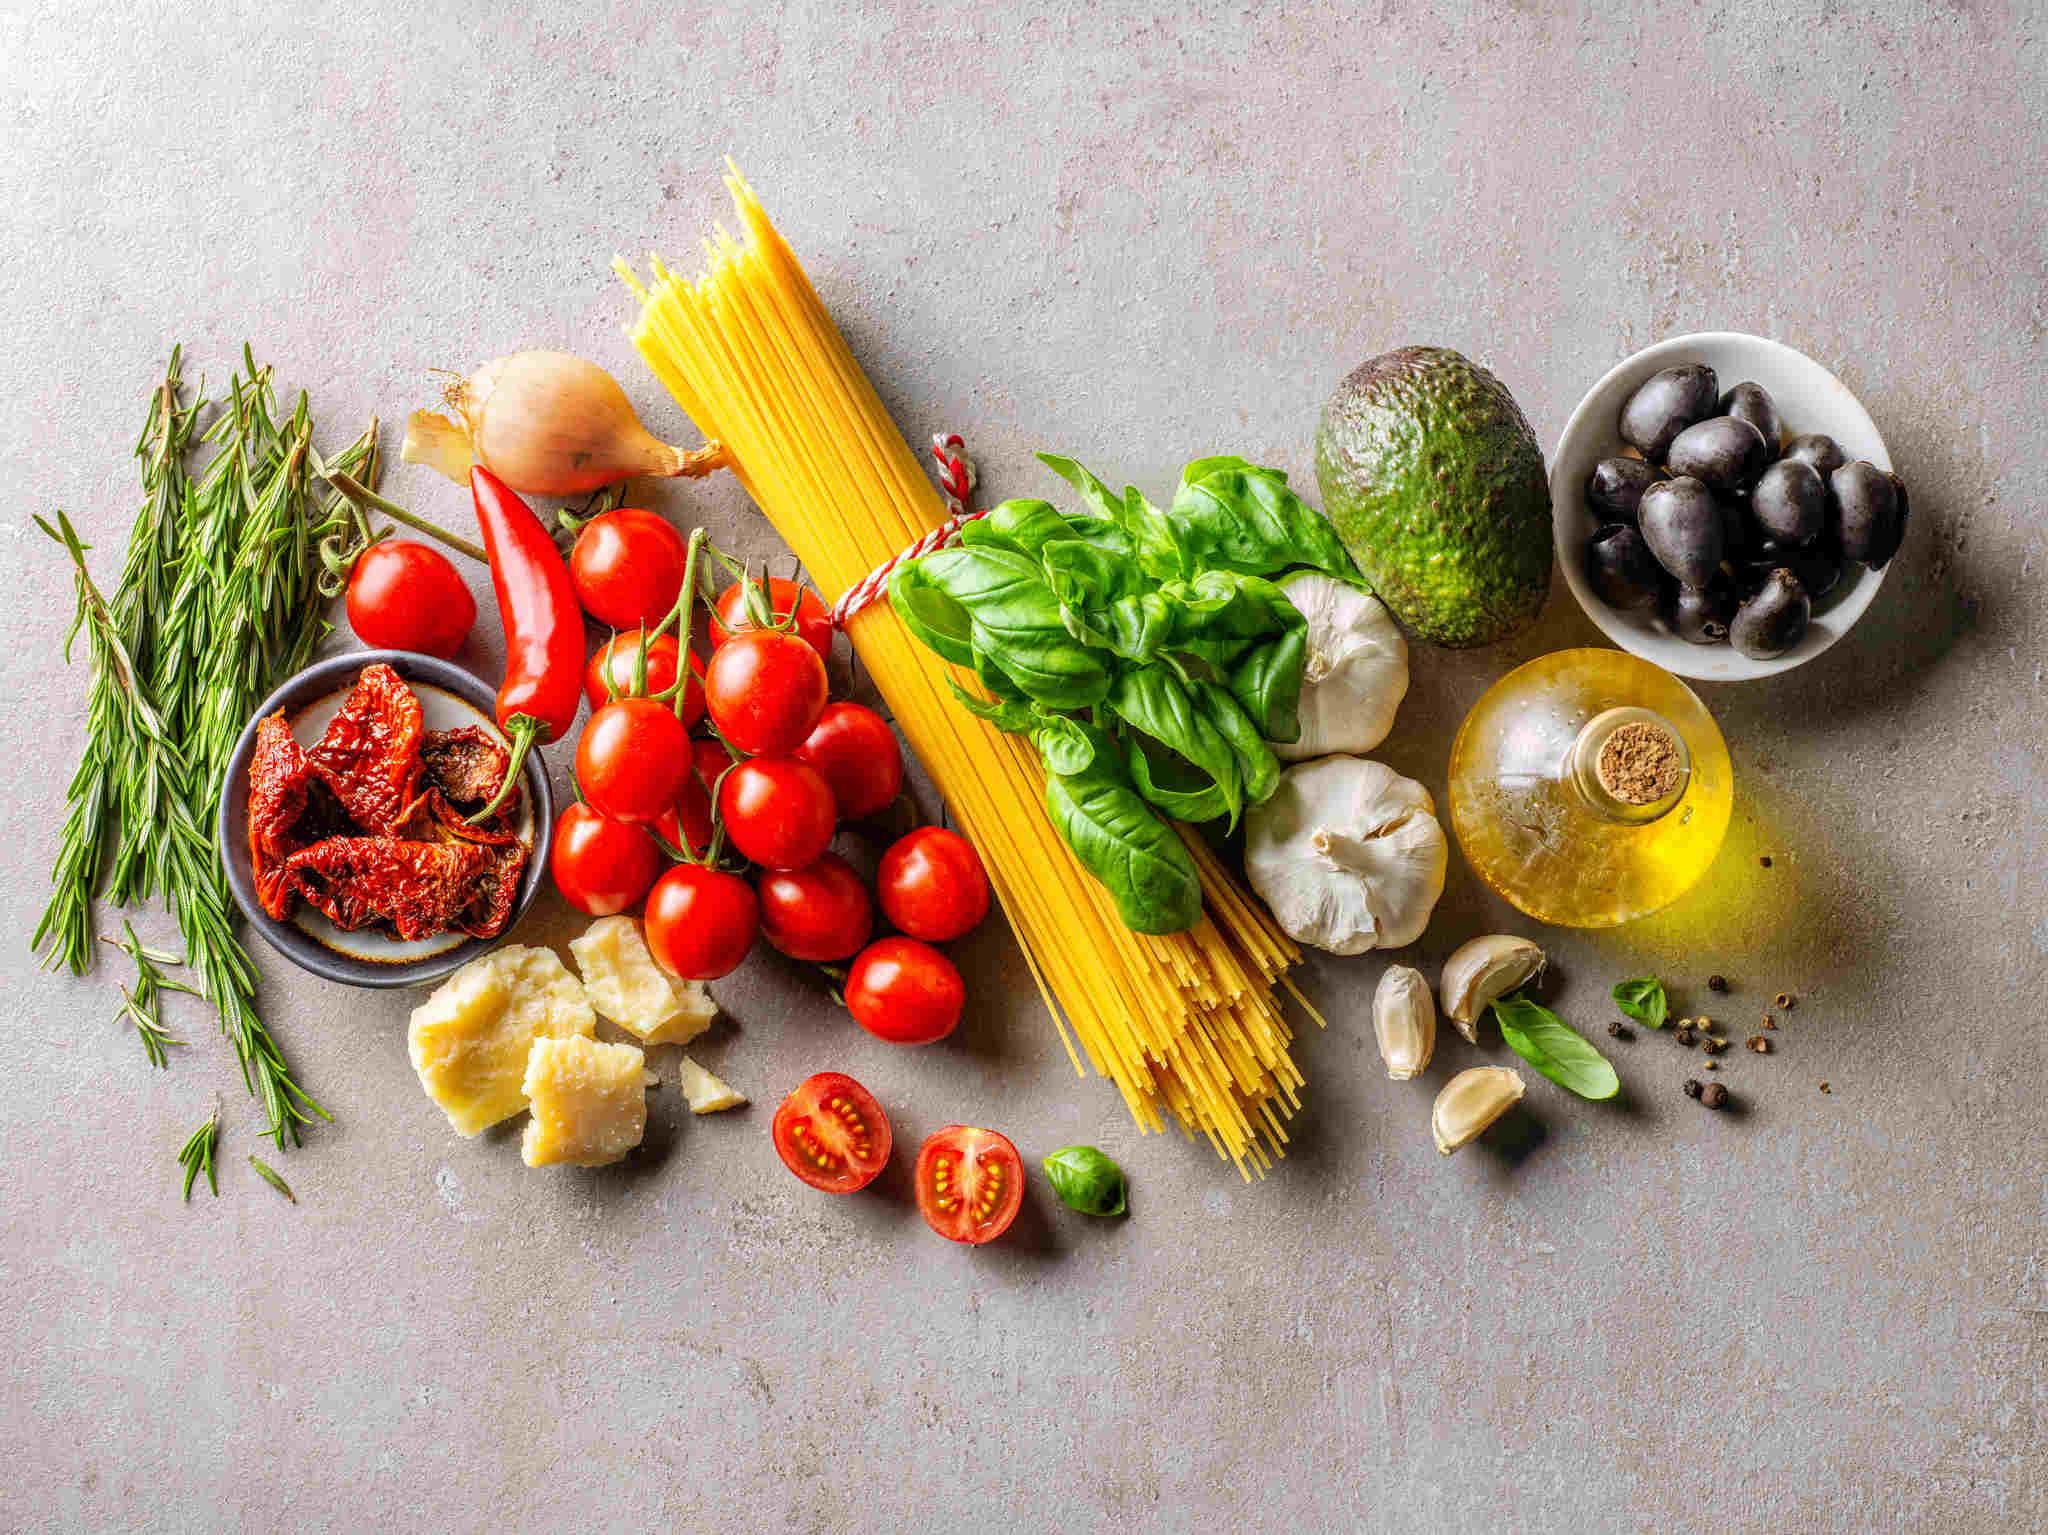 sağlıklı sebzeler, sağlıklı yaşam için yapılması gerekenler